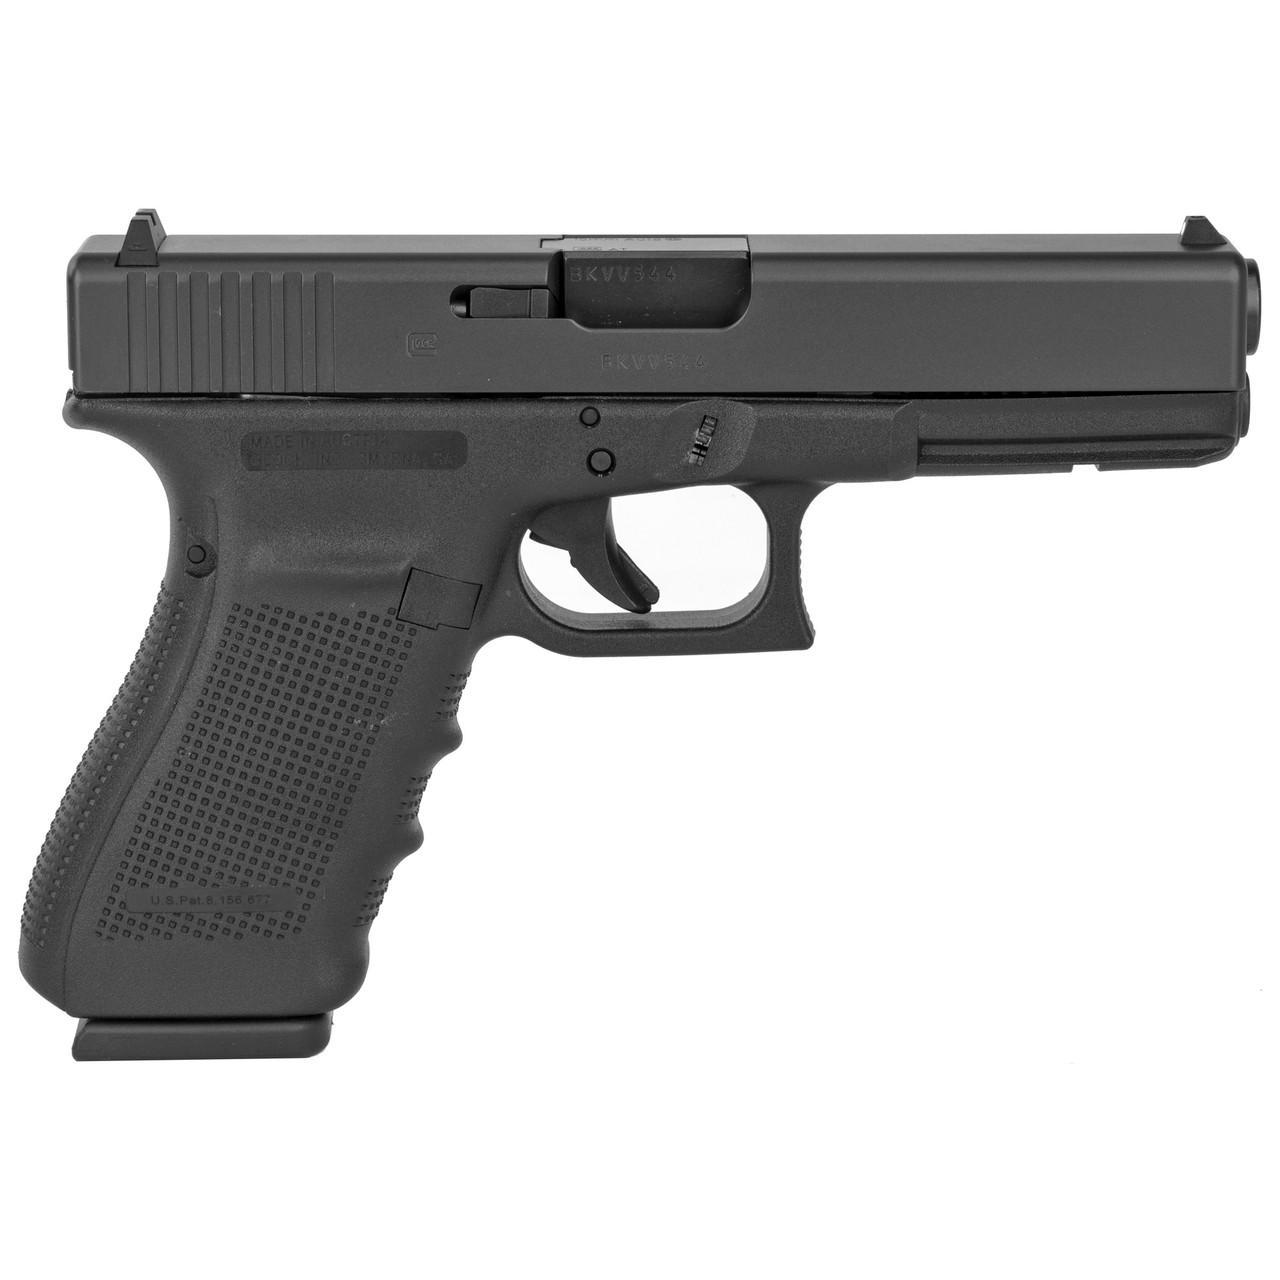 Glock G20 Gen4 FS x3 15RD